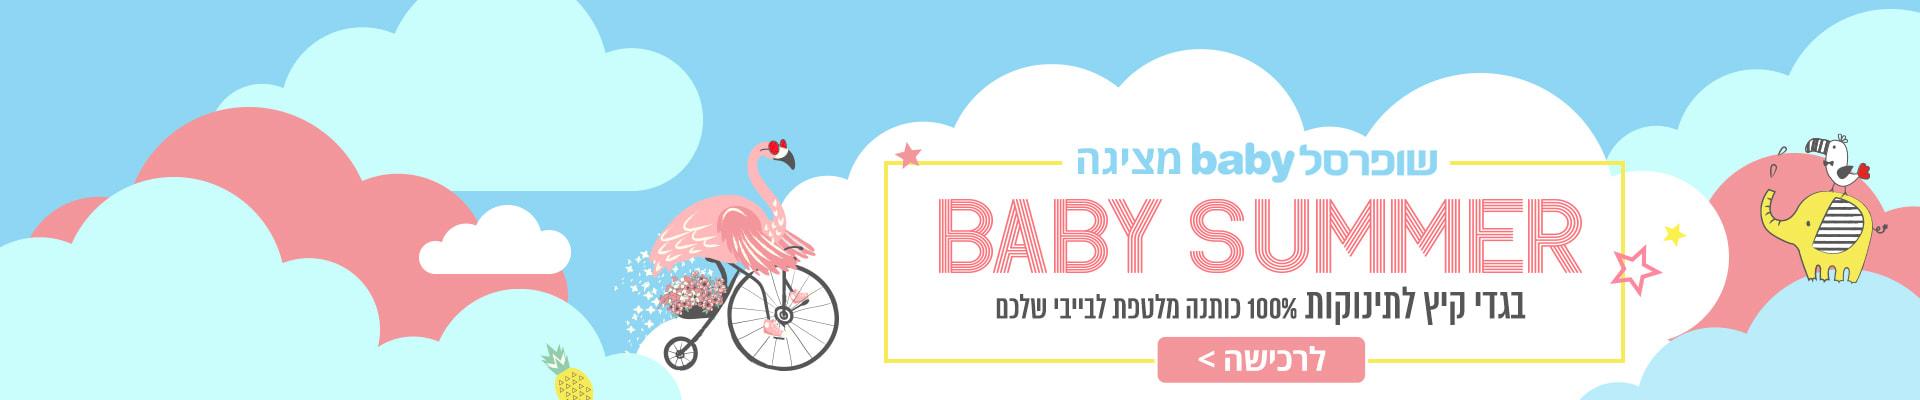 שופרסל BABY מציגה – BABY SUMMER בגדי קיץ לתינוקות 100% כותנה מלטפת לבייבי שלכם.